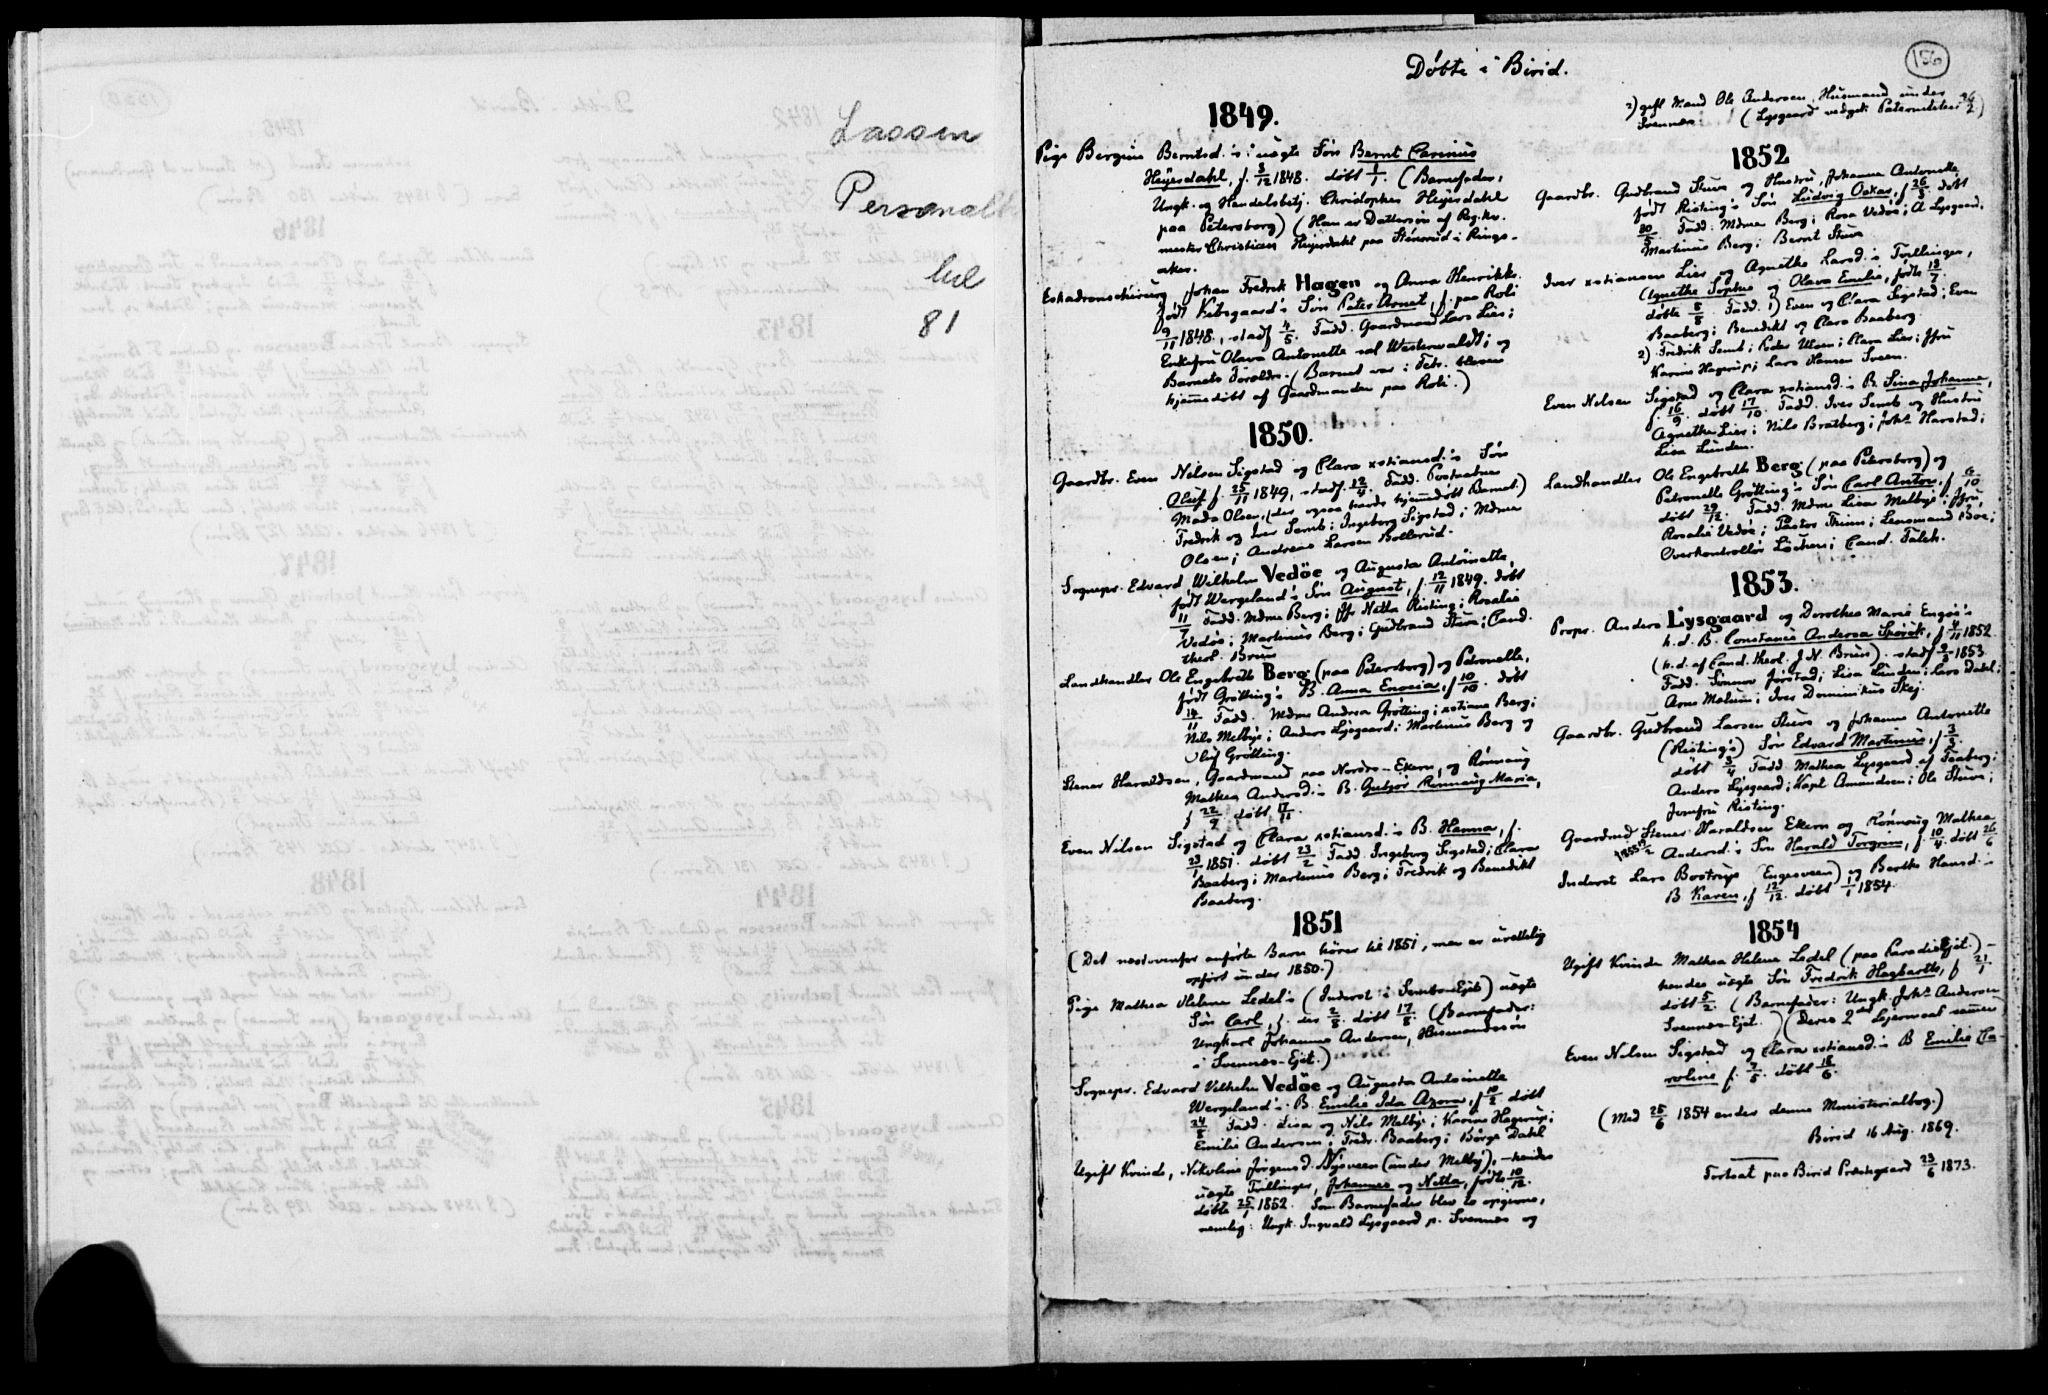 SAH, Biri prestekontor, Ministerialbok, 1730-1879, s. 156